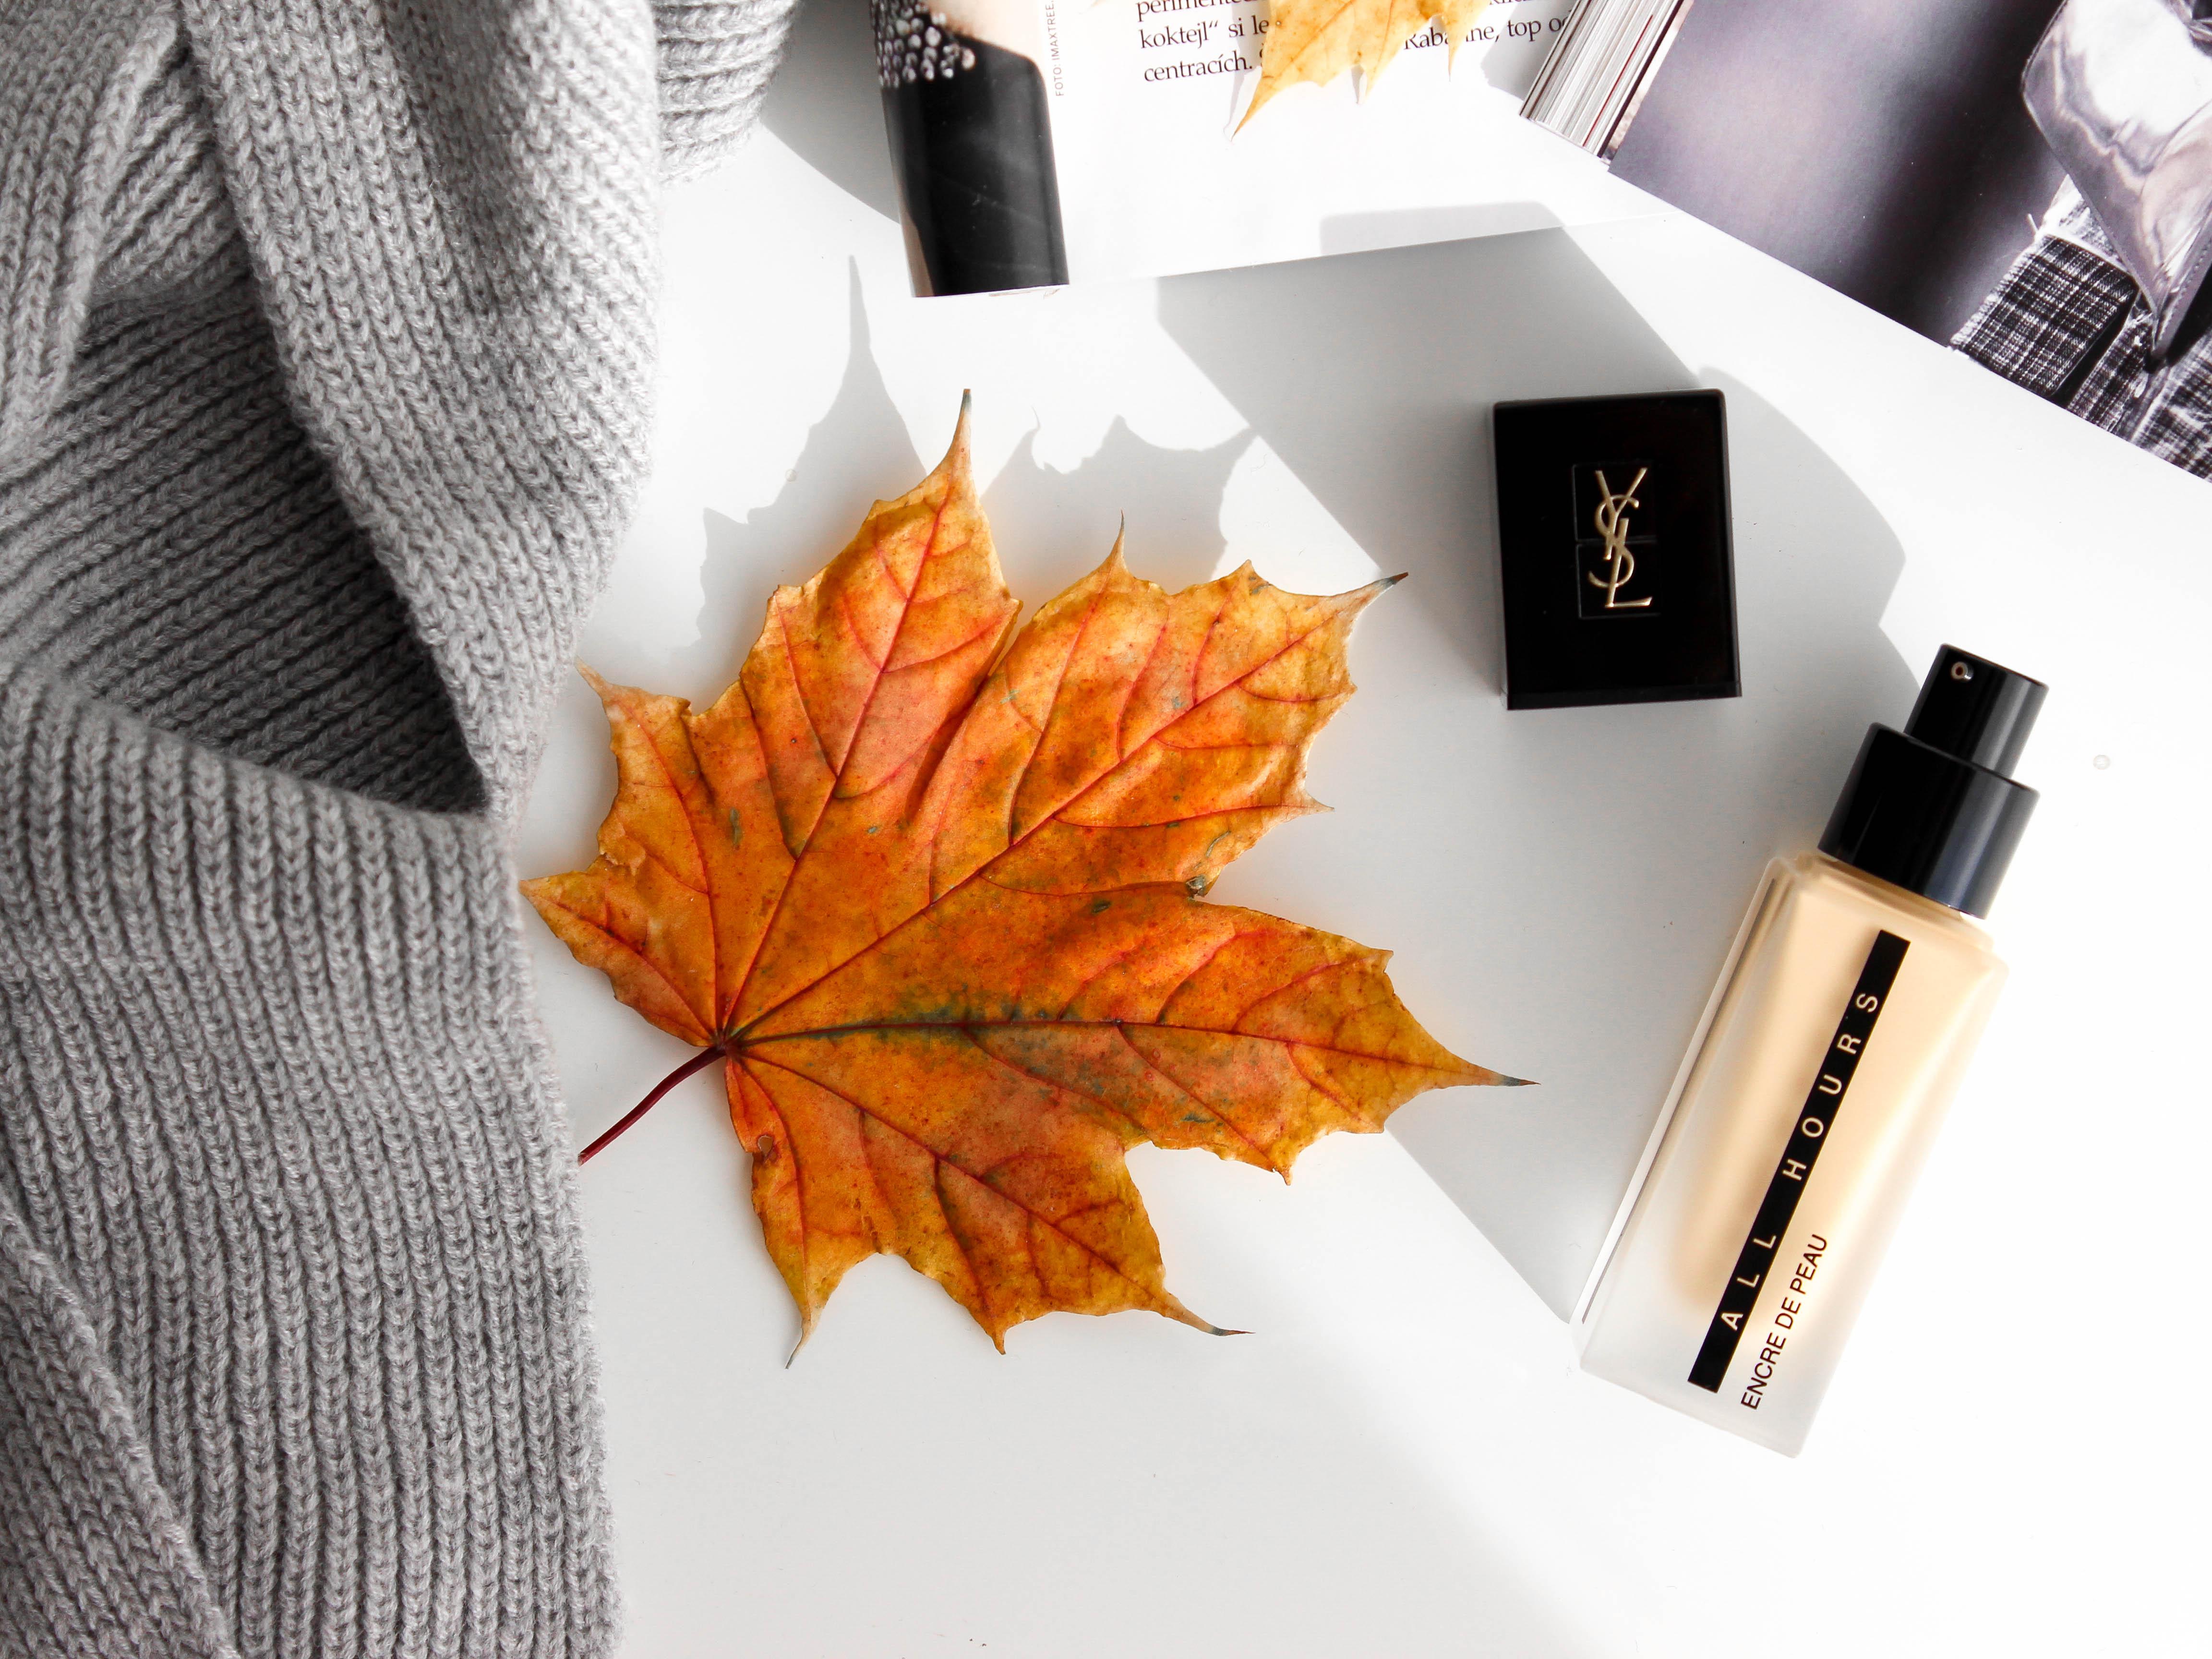 Ysl makeup recenze a zkušenosti